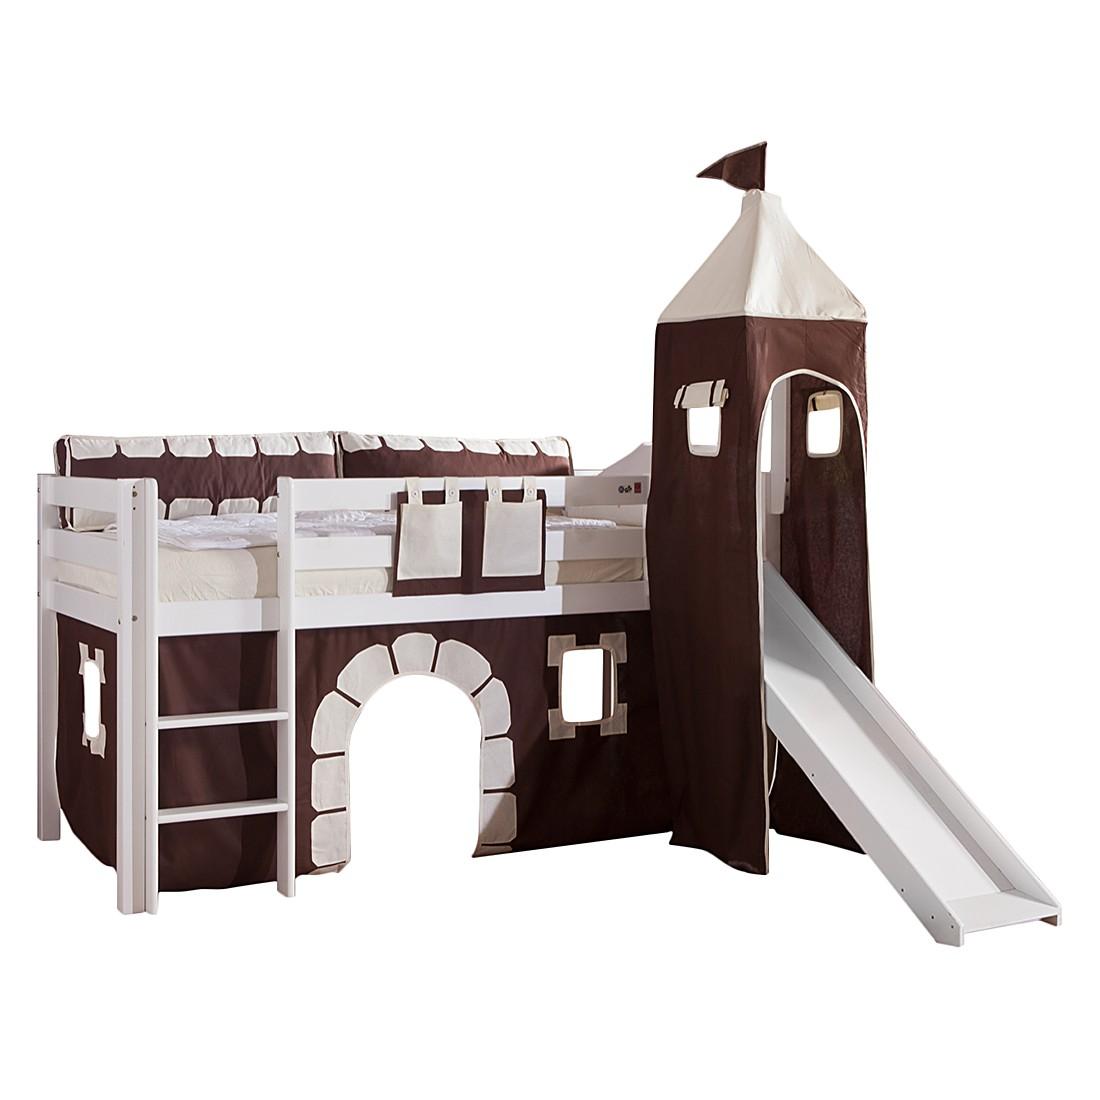 Spielbett Alex - mit Rutsche, Vorhang, Turm und Tasche - Buche weiß/Textil Burg, Relita